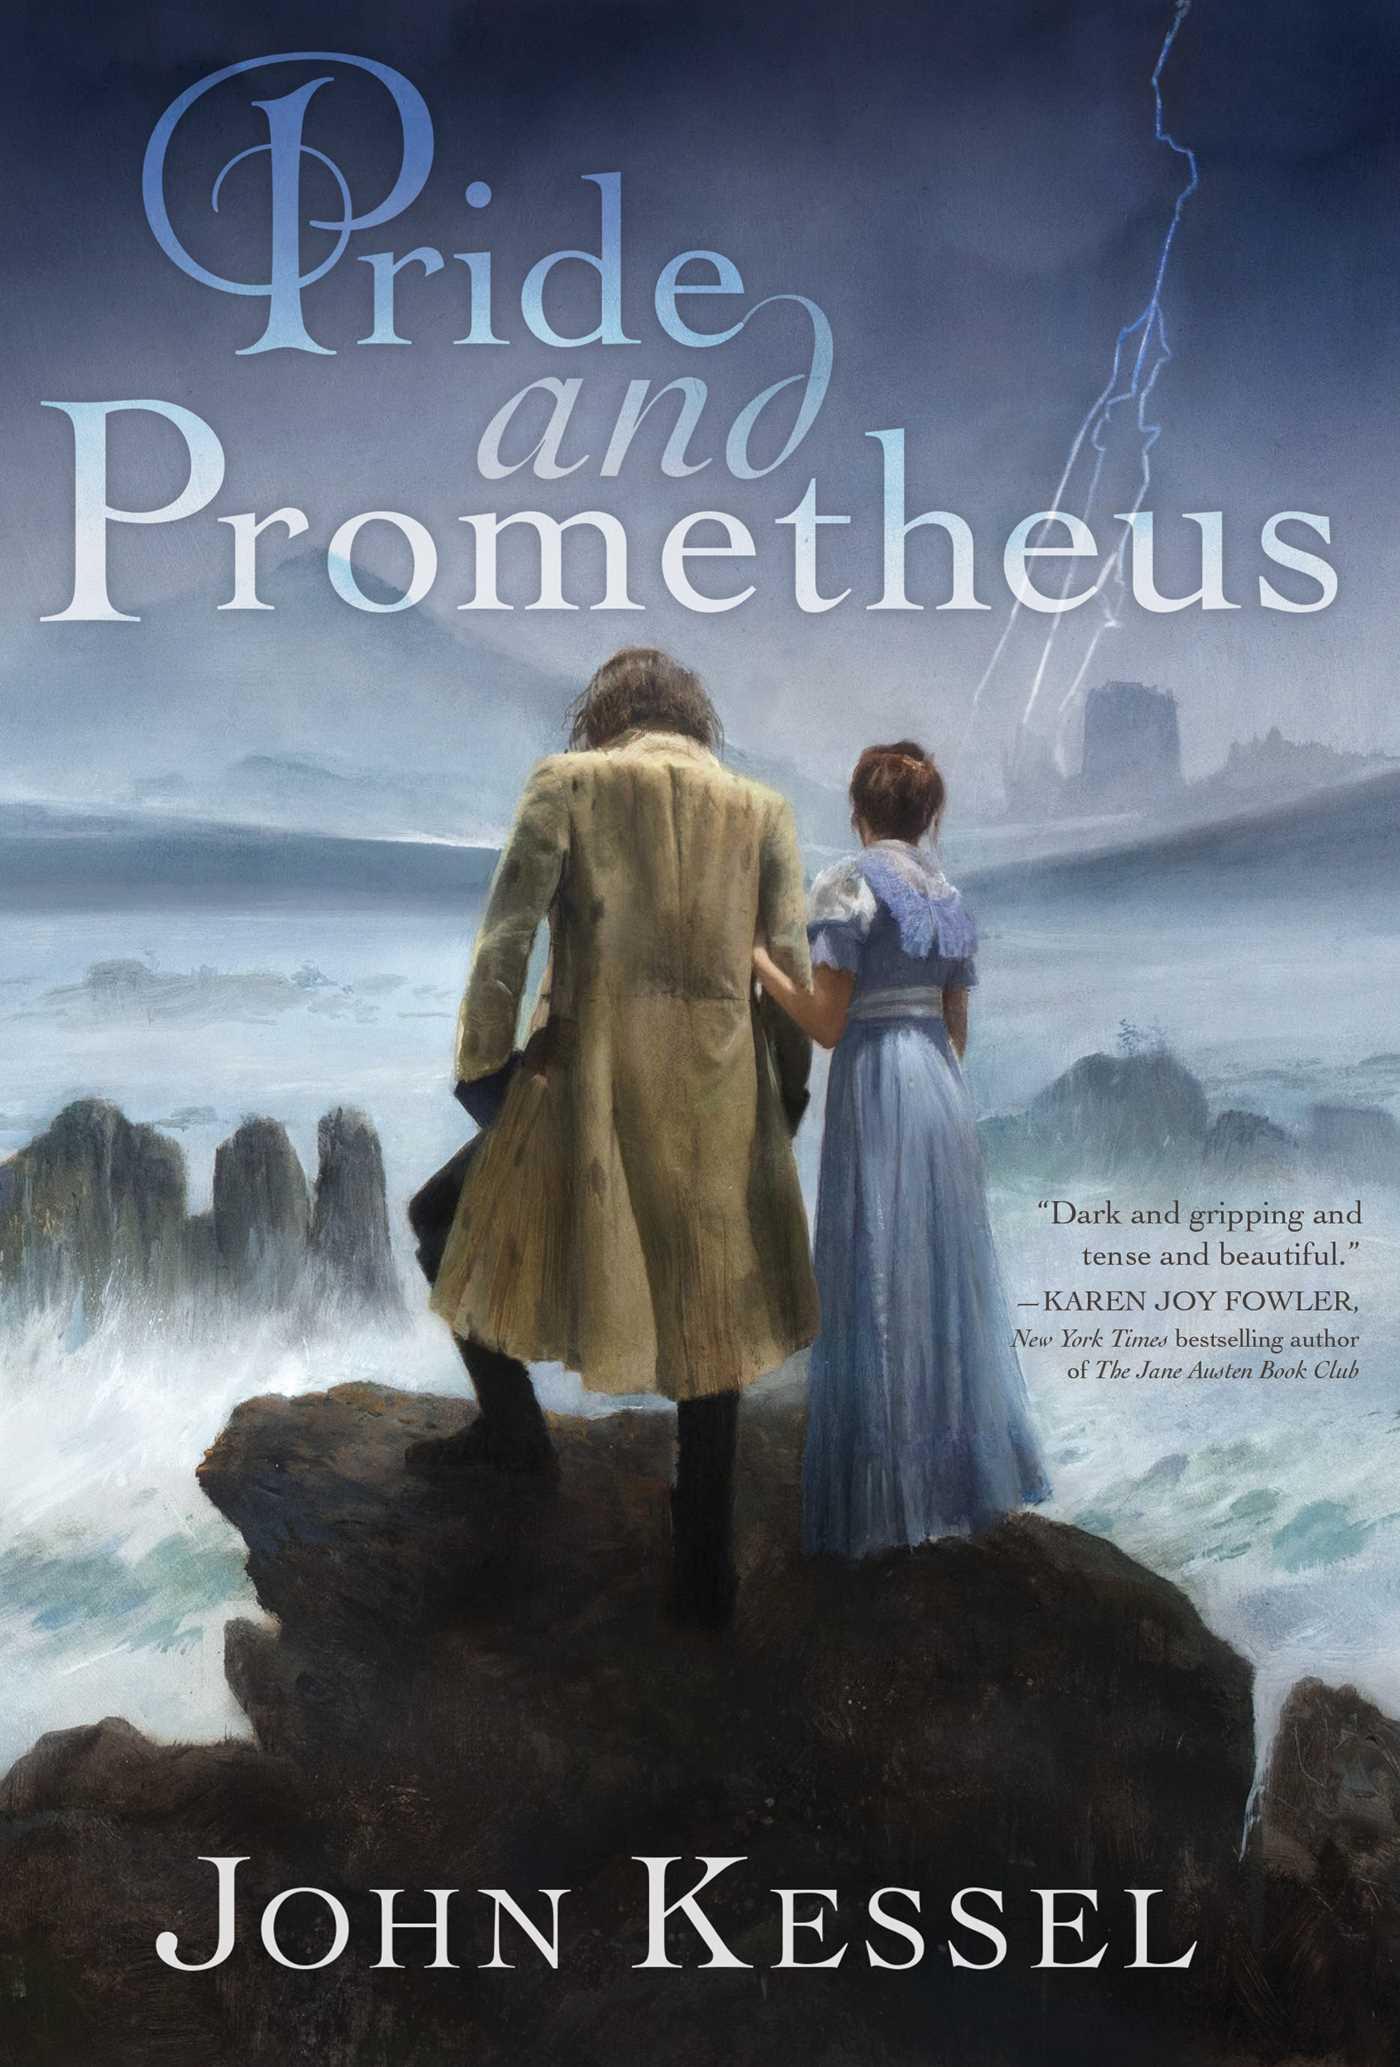 Pride and prometheus 9781481481472 hr